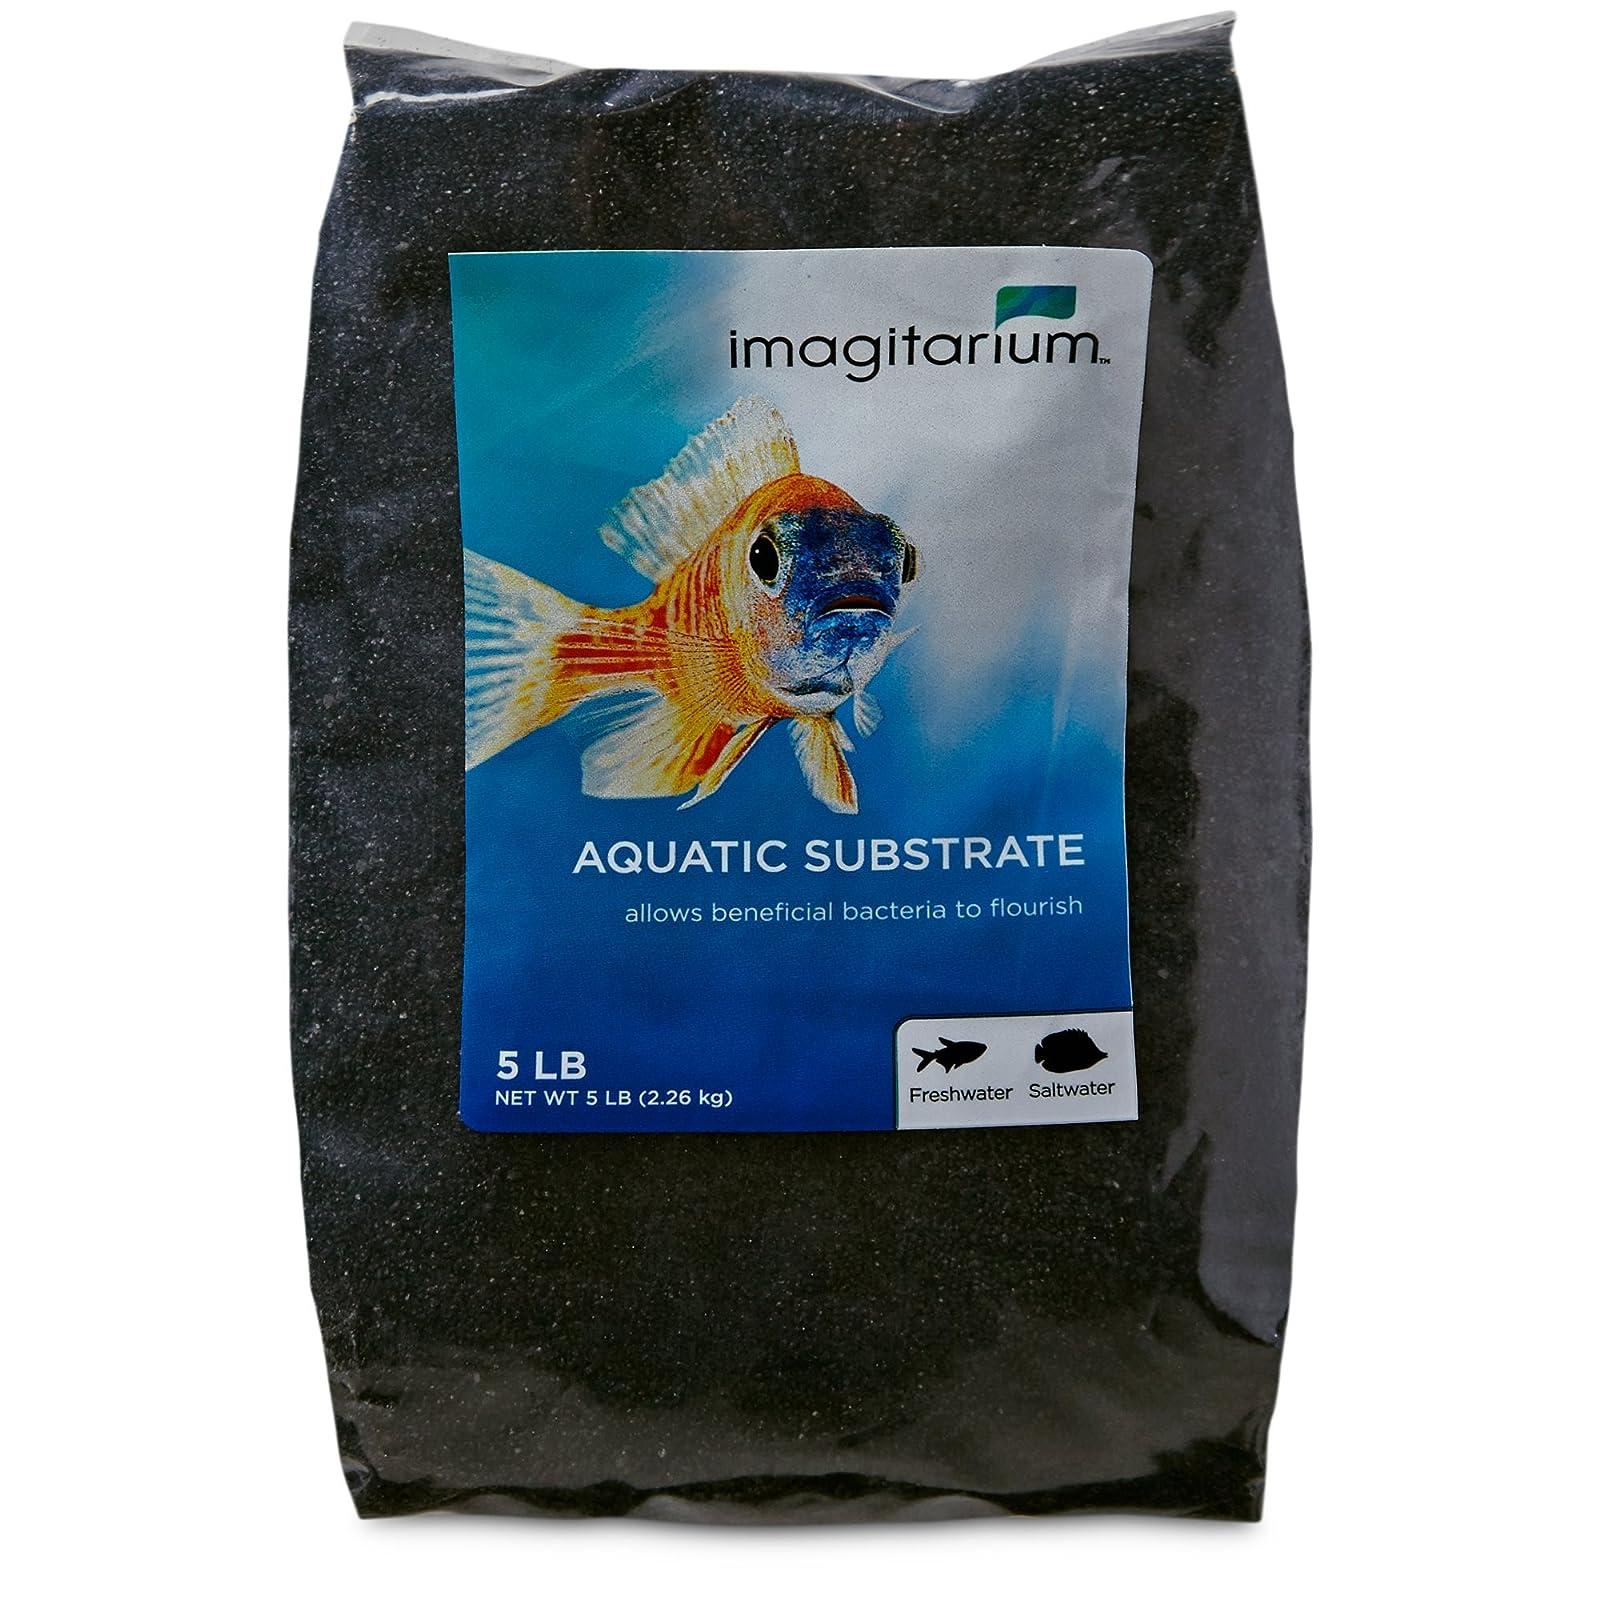 Imagitarium Black Aquarium Sand 5 lbs (5lb) - 1